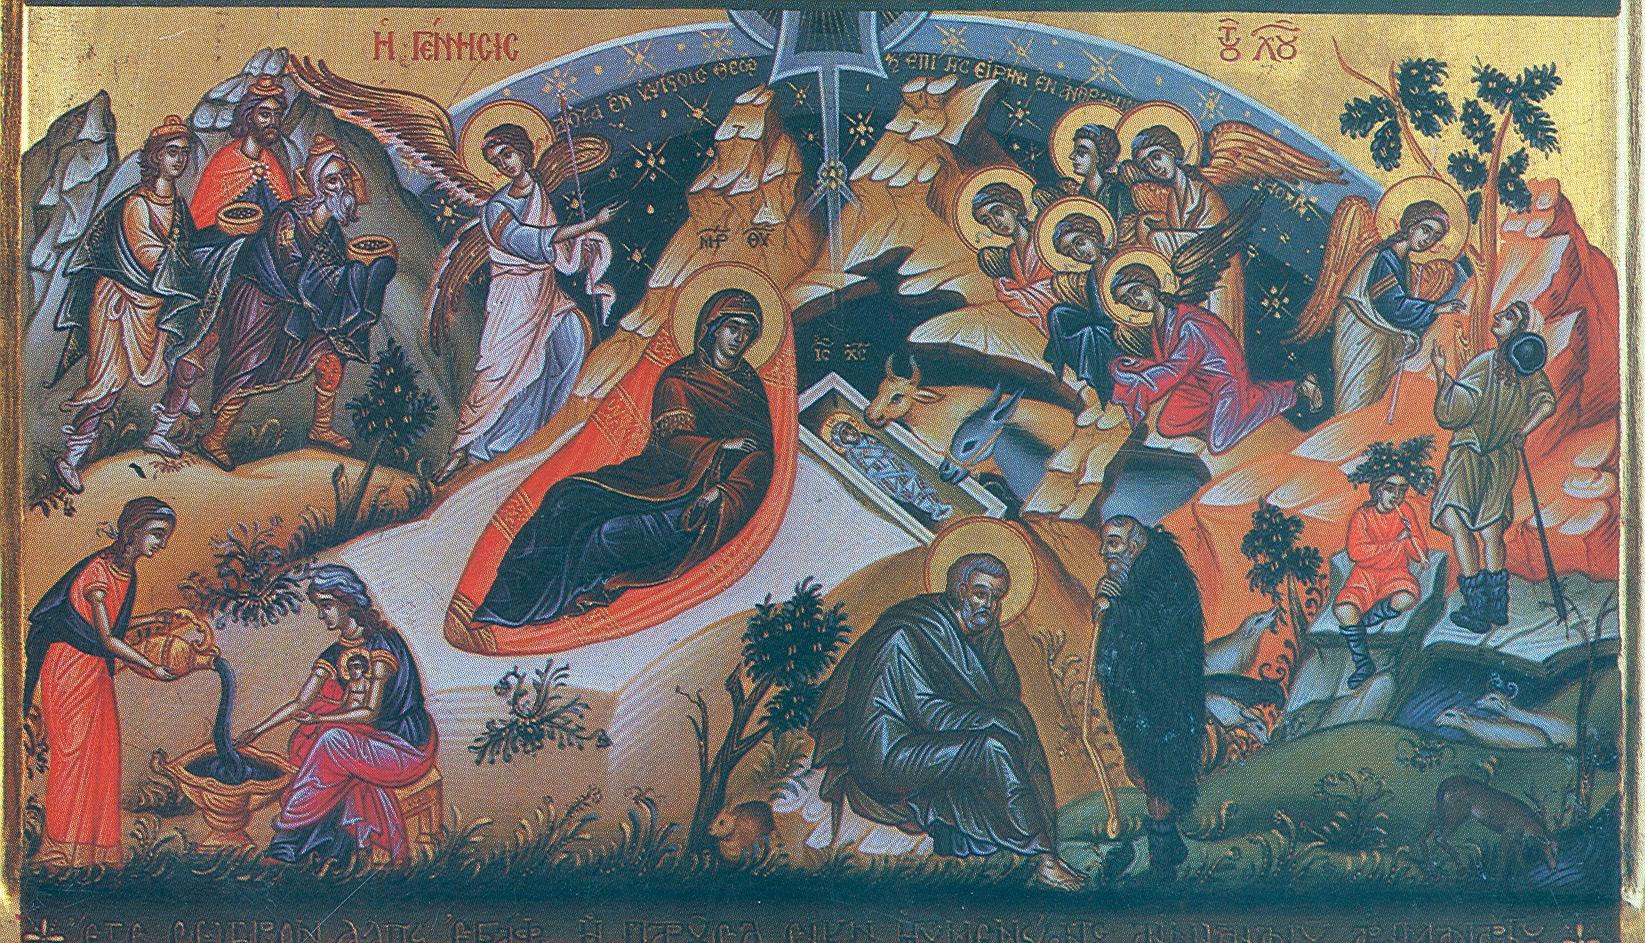 """Αποτέλεσμα εικόνας για «Ομιλία περί της κατά σάρκα του Κυρίου ημών Ιησού Χριστού Οικονομίας»"""""""